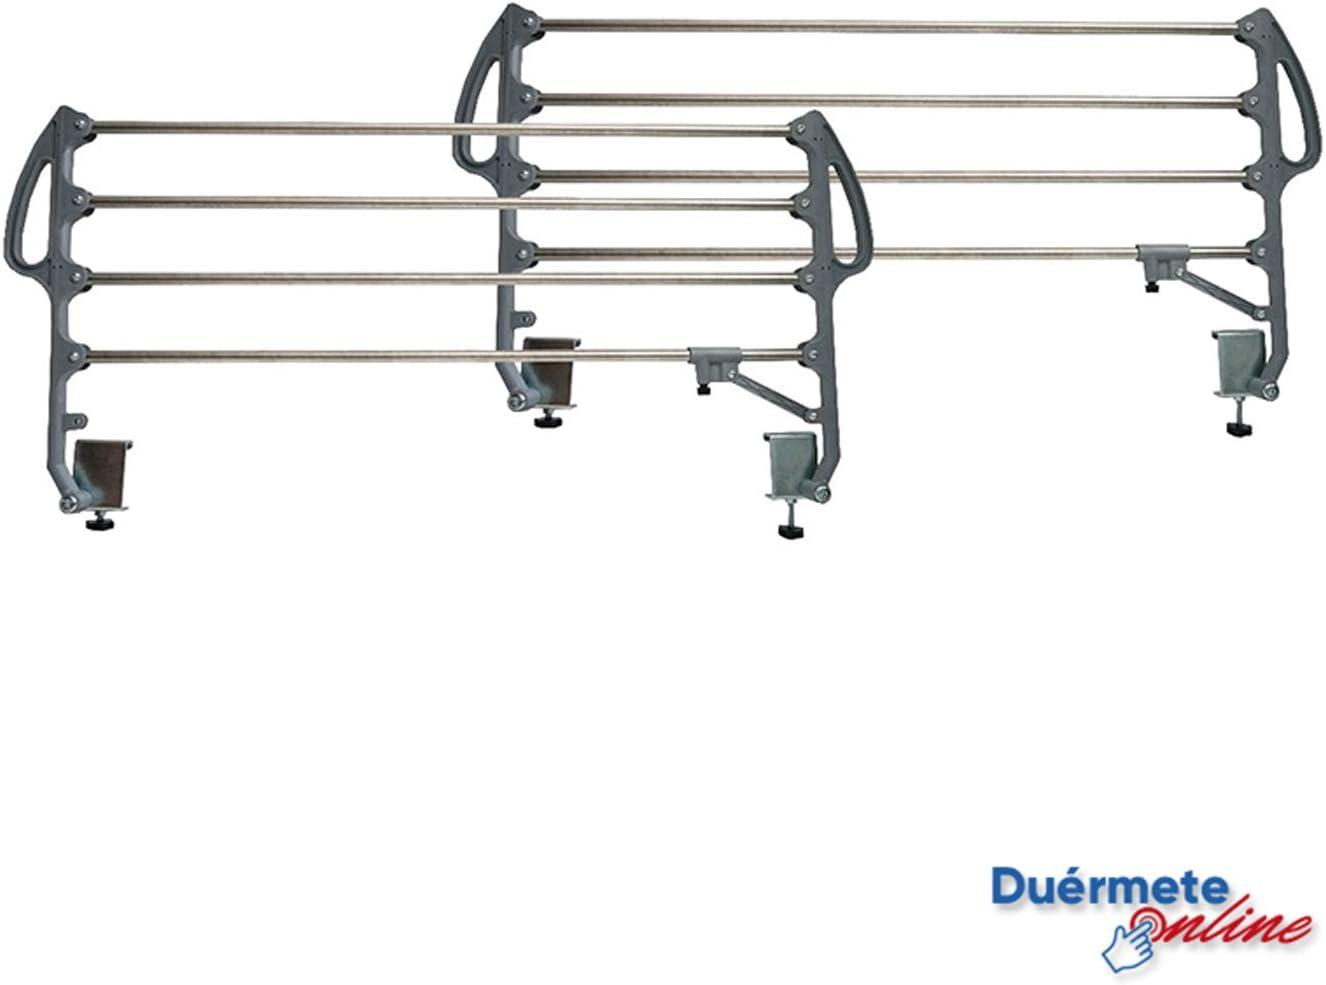 Duérmete Online Juego de Barandillas Metálicas Geriátricas Abatibles Reforzadas para Cama Articulada con 4 Barras, Prácticas y seguras, Universal